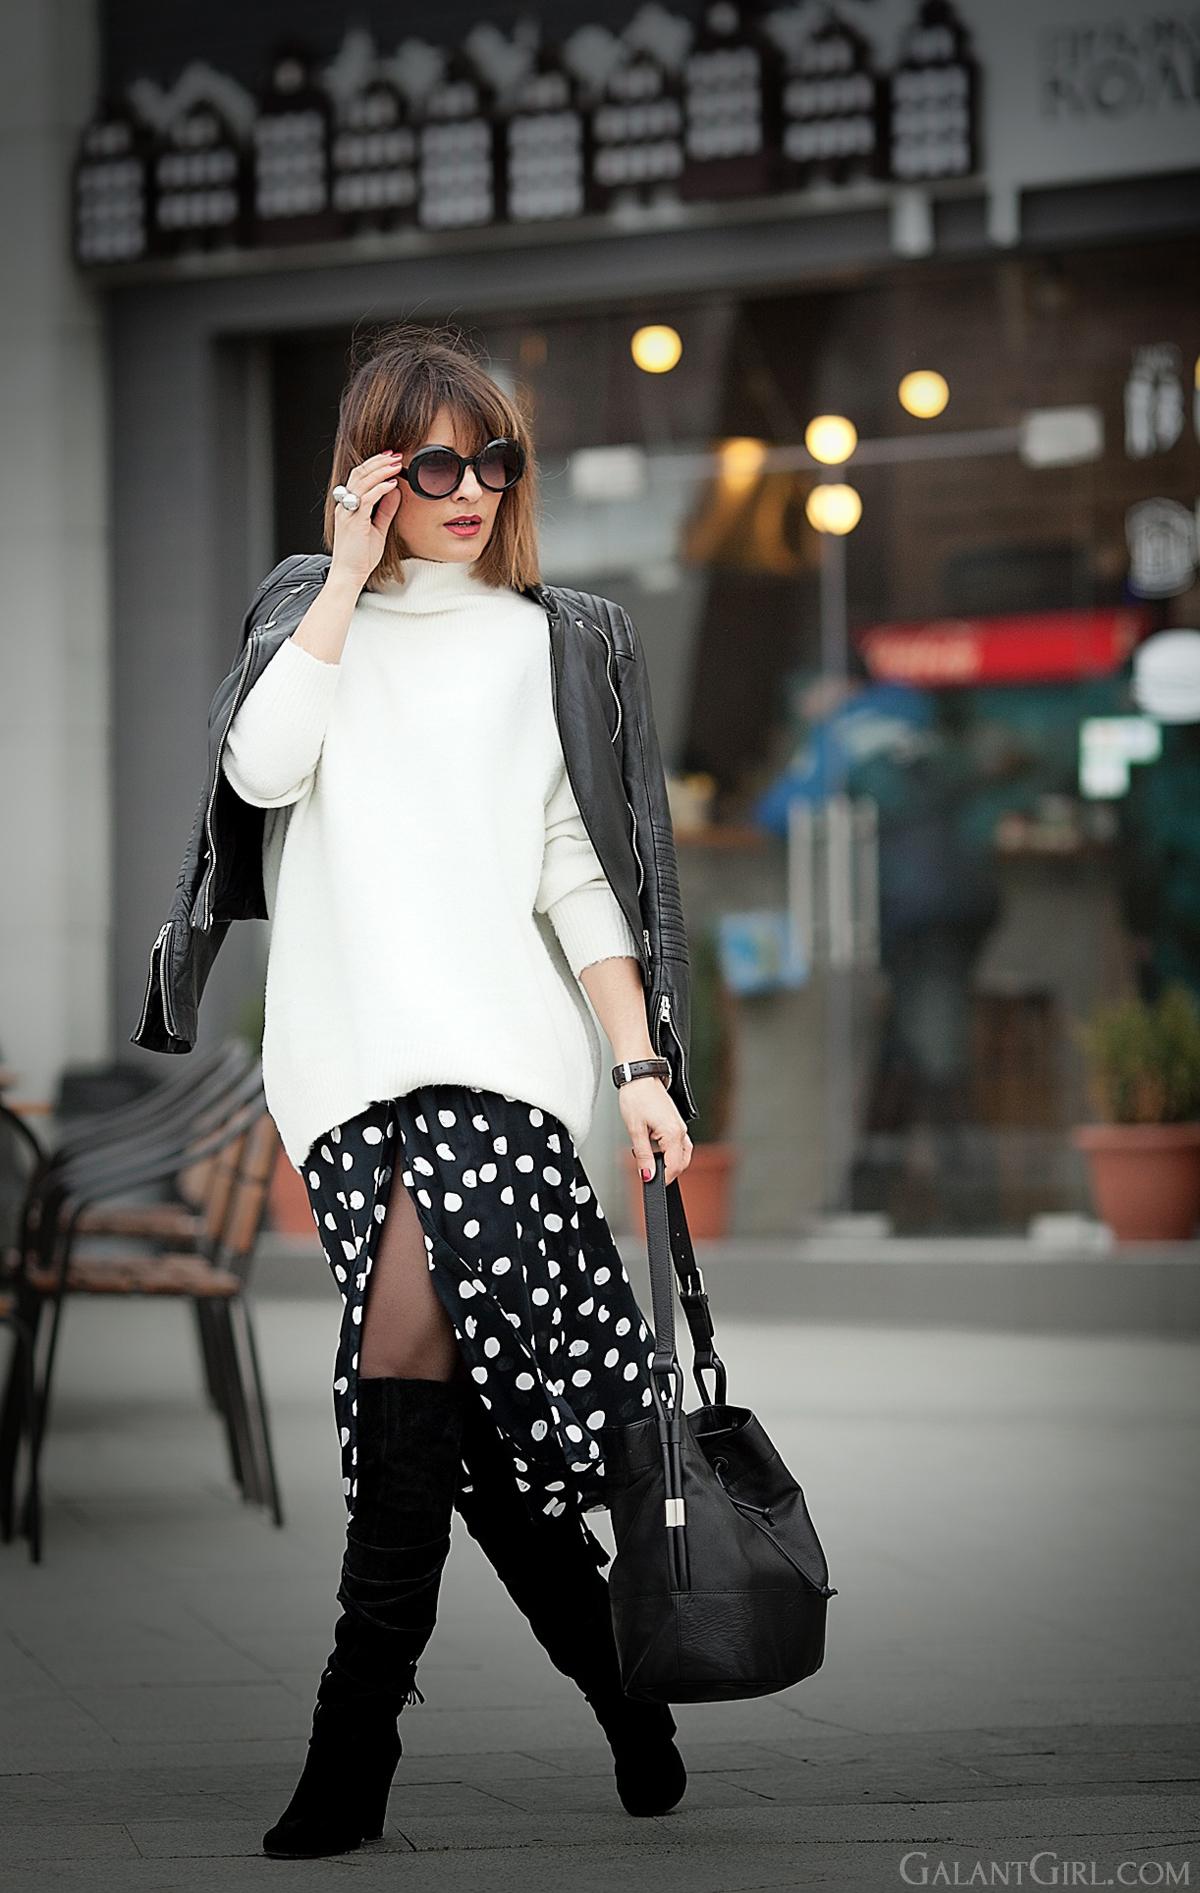 polka dot skirt on GalantGirl.com